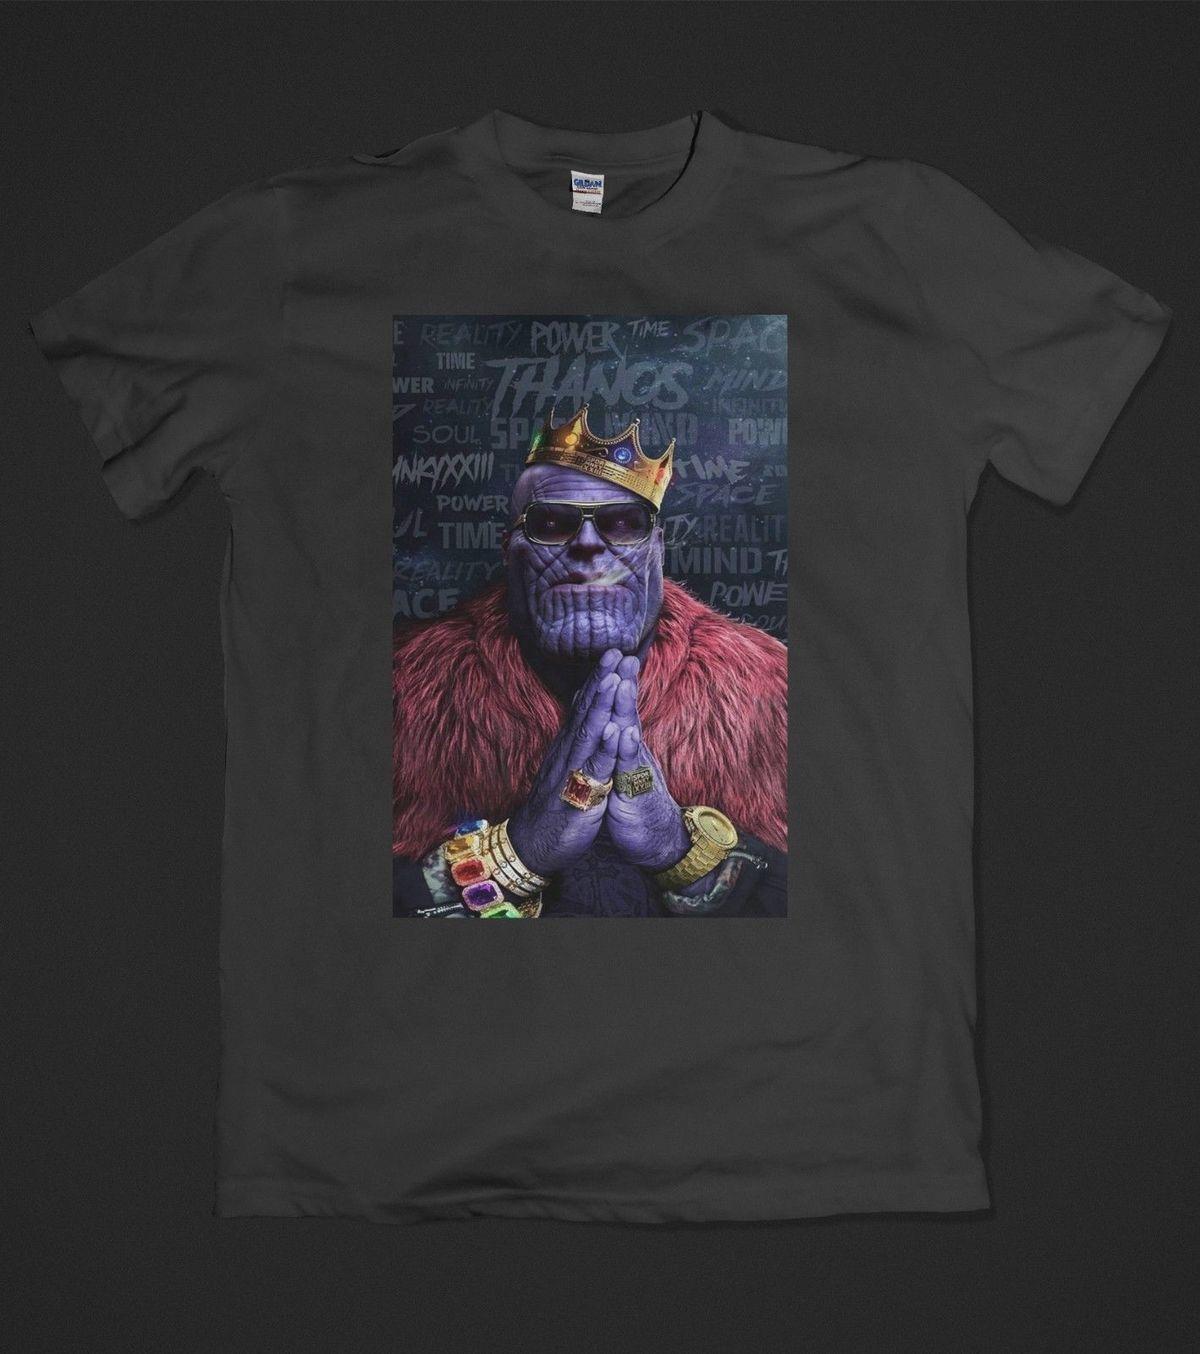 a9e86a6e8 Compre Thanos King The Avengers Infinity War Notorious BIG G Camiseta De  Algodón S XXL A  11.63 Del Customteeshirt